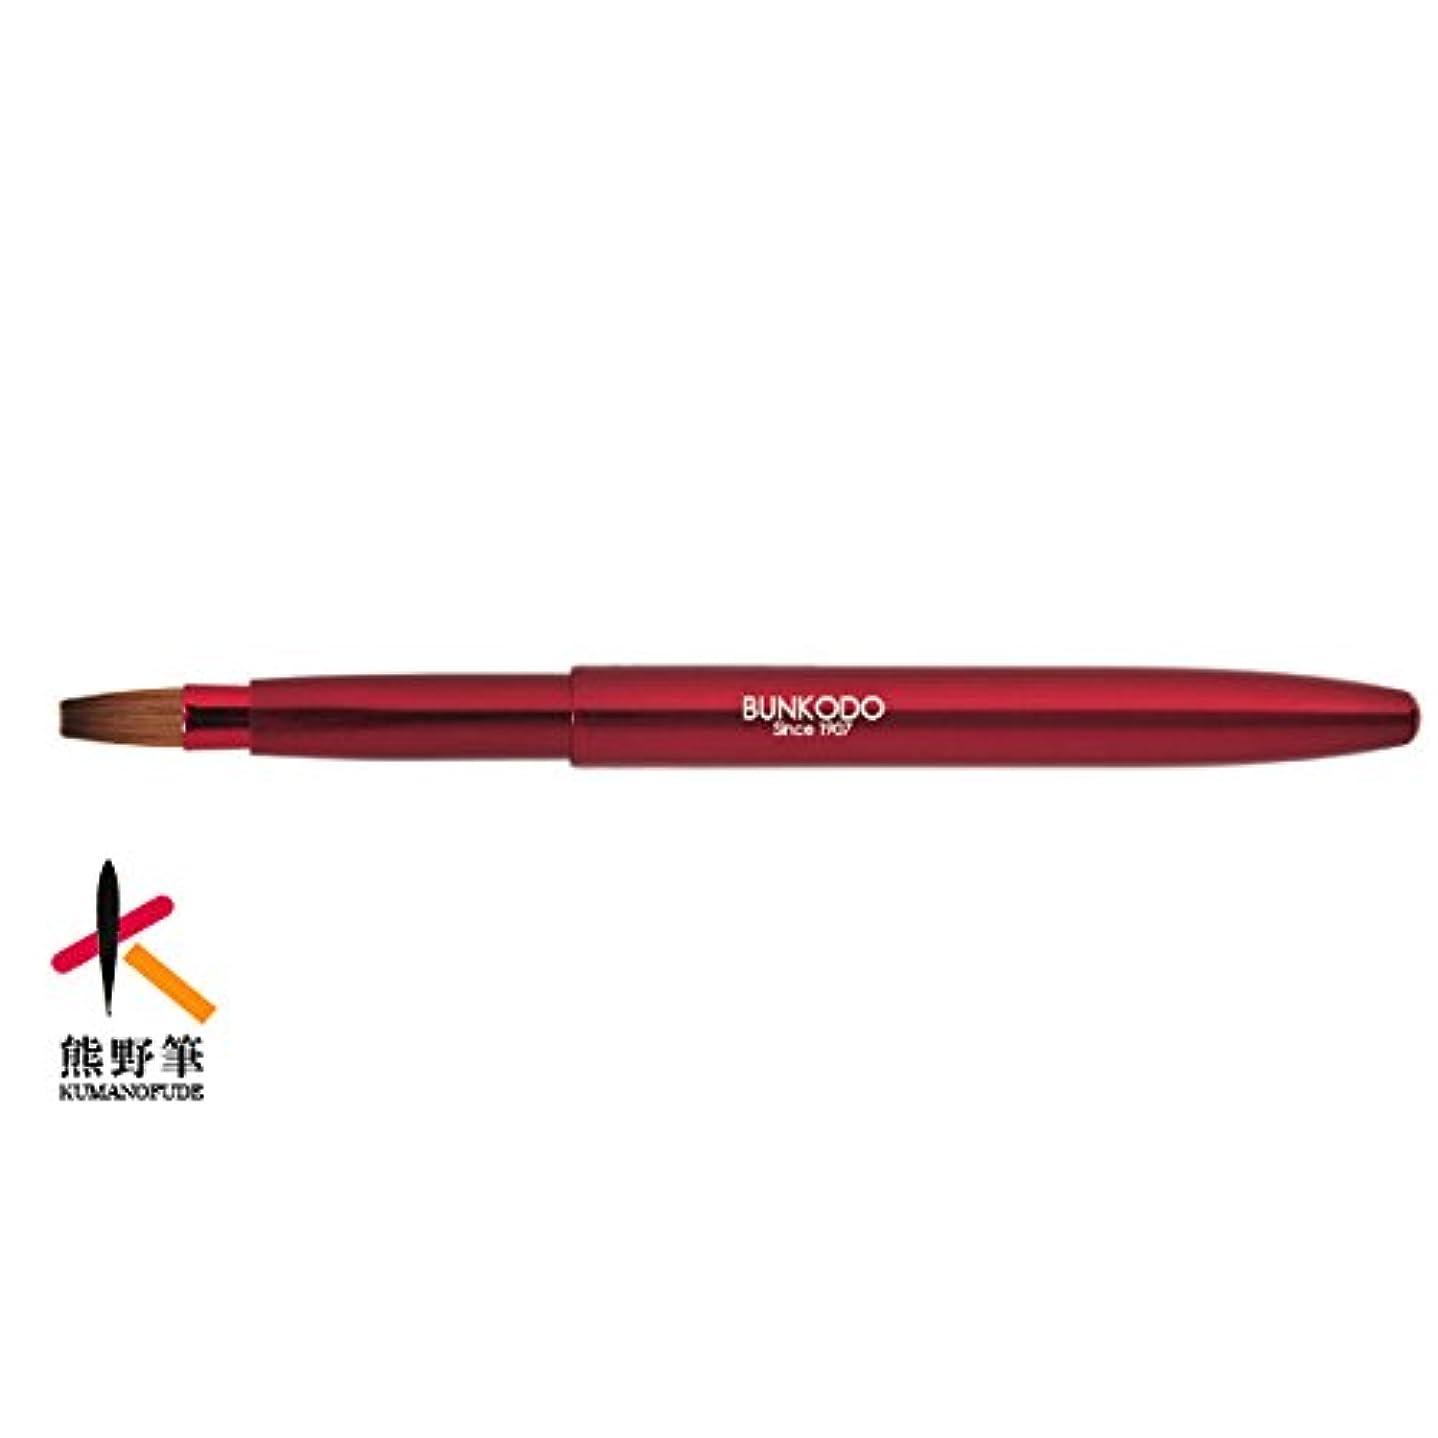 明治四十年創業 文宏堂 最高級コリンスキー毛100% 使用 熊野化粧筆 携帯用リップブラシ プッシュ式 ワインレッド MB008 名入れ可能